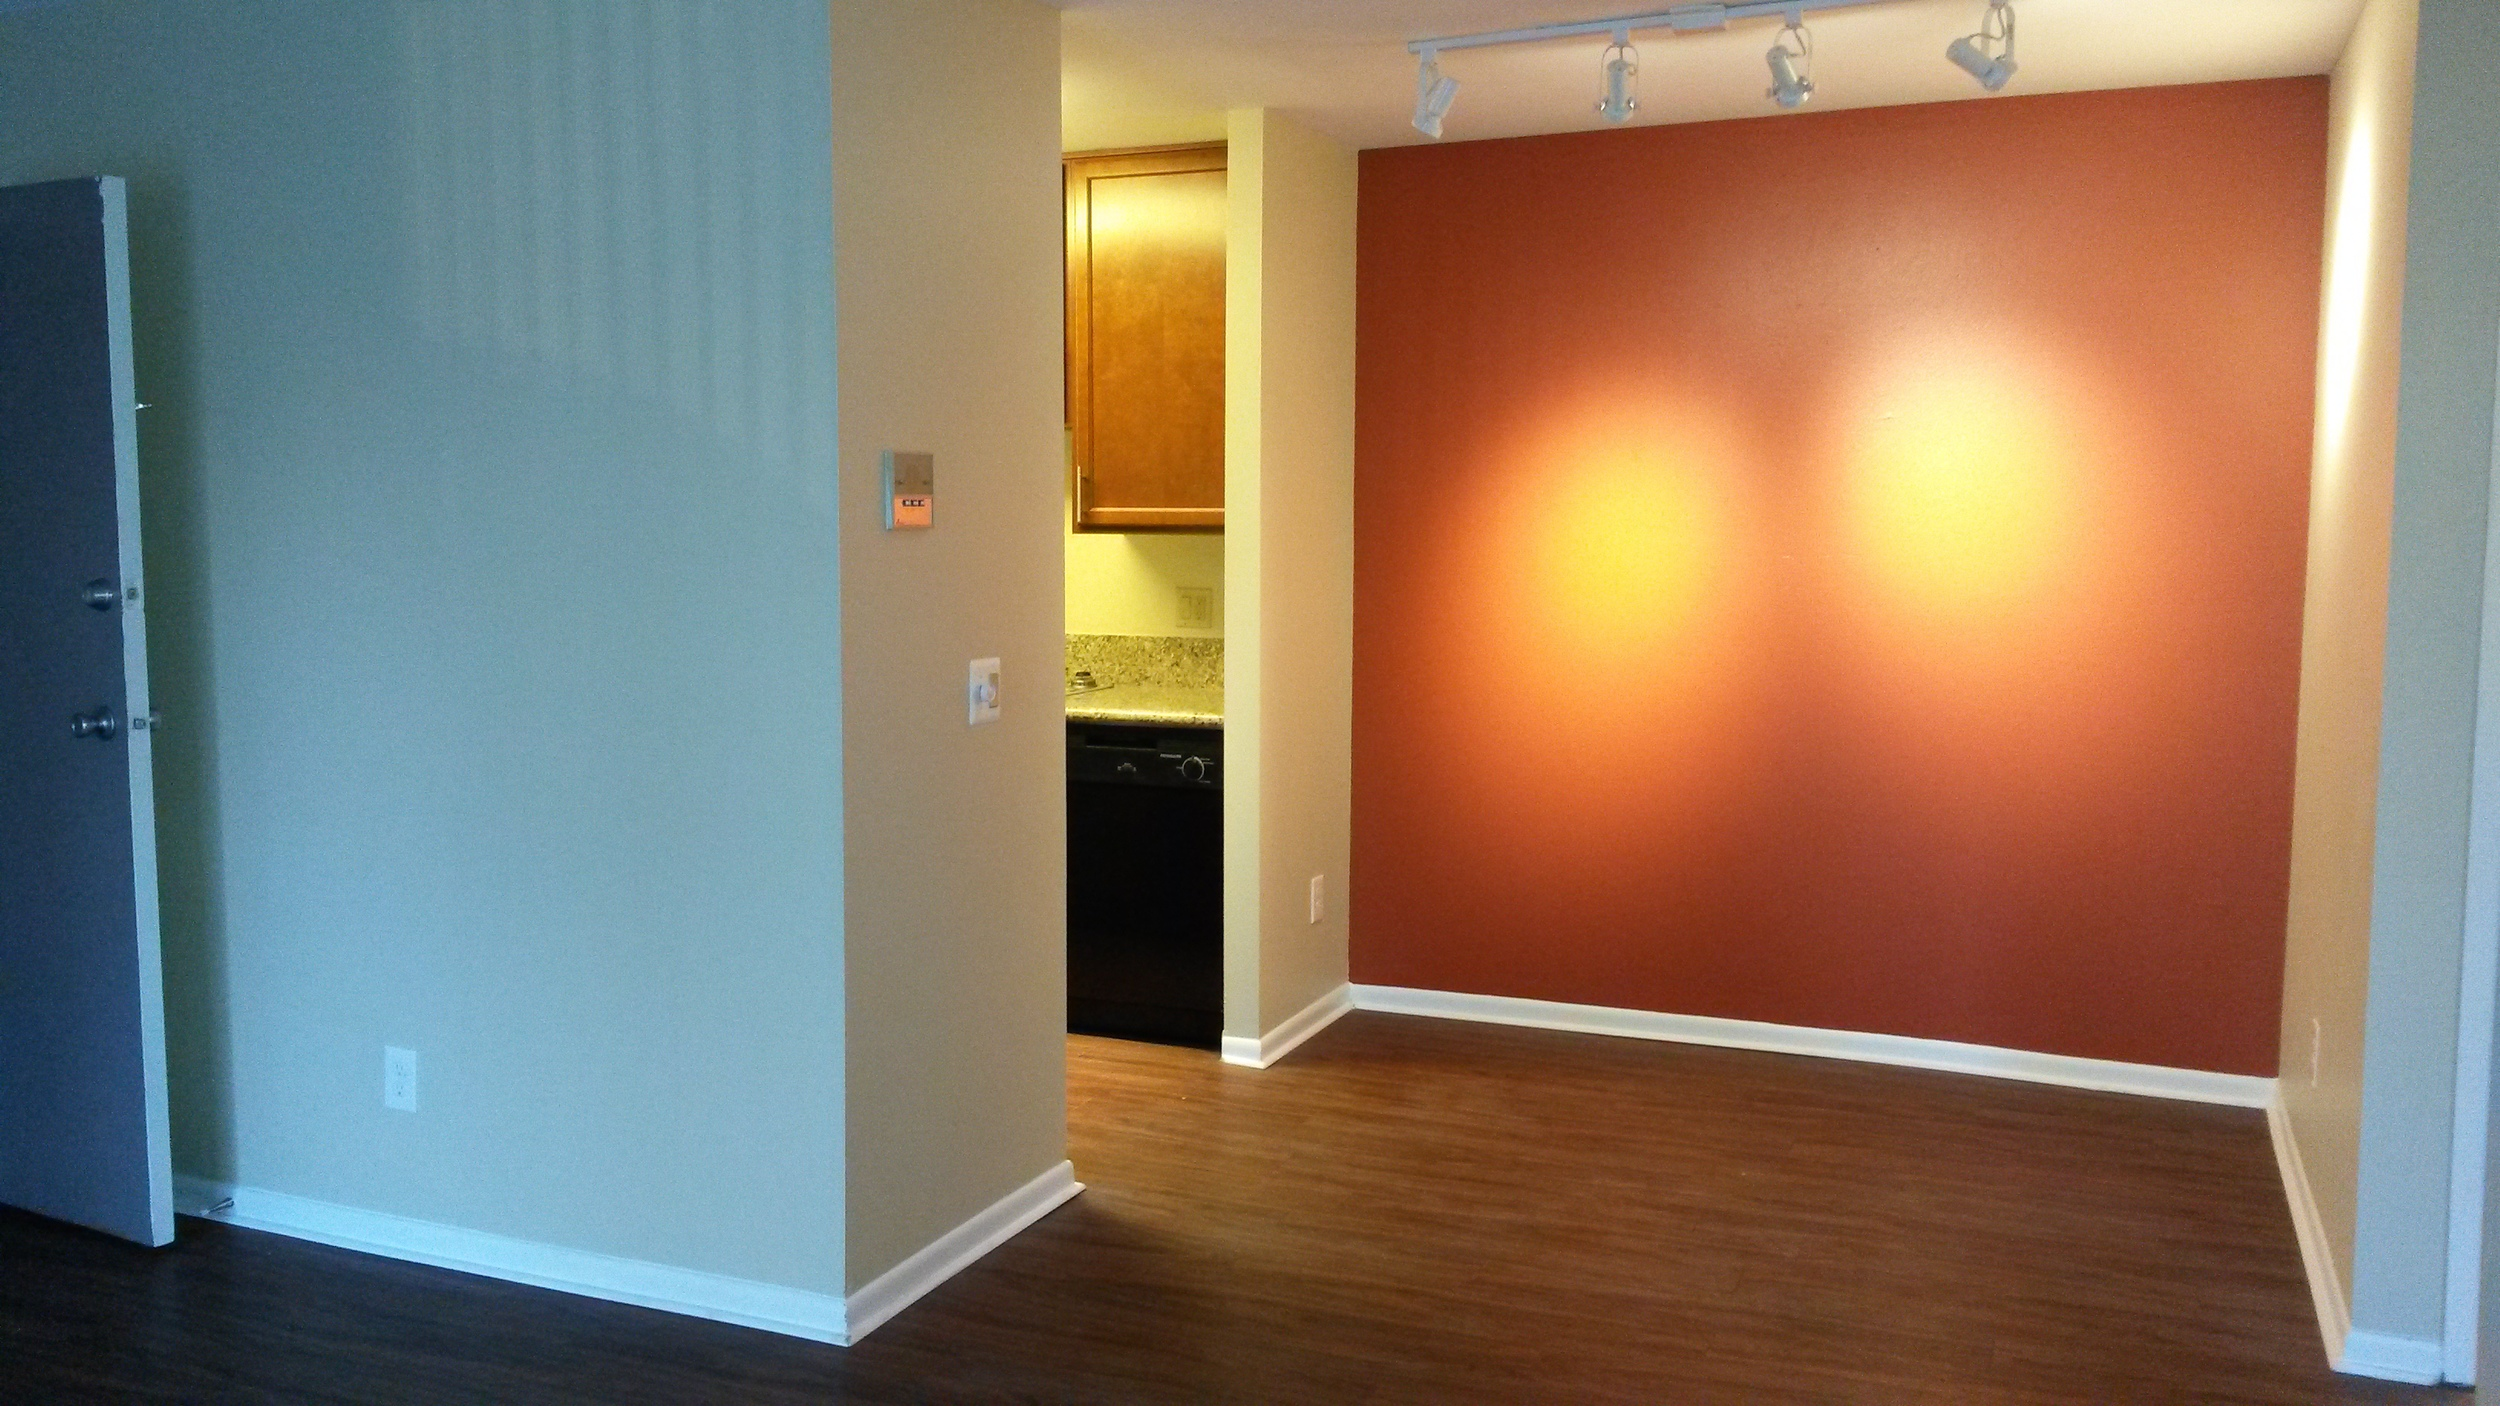 diningroom_1.jpg